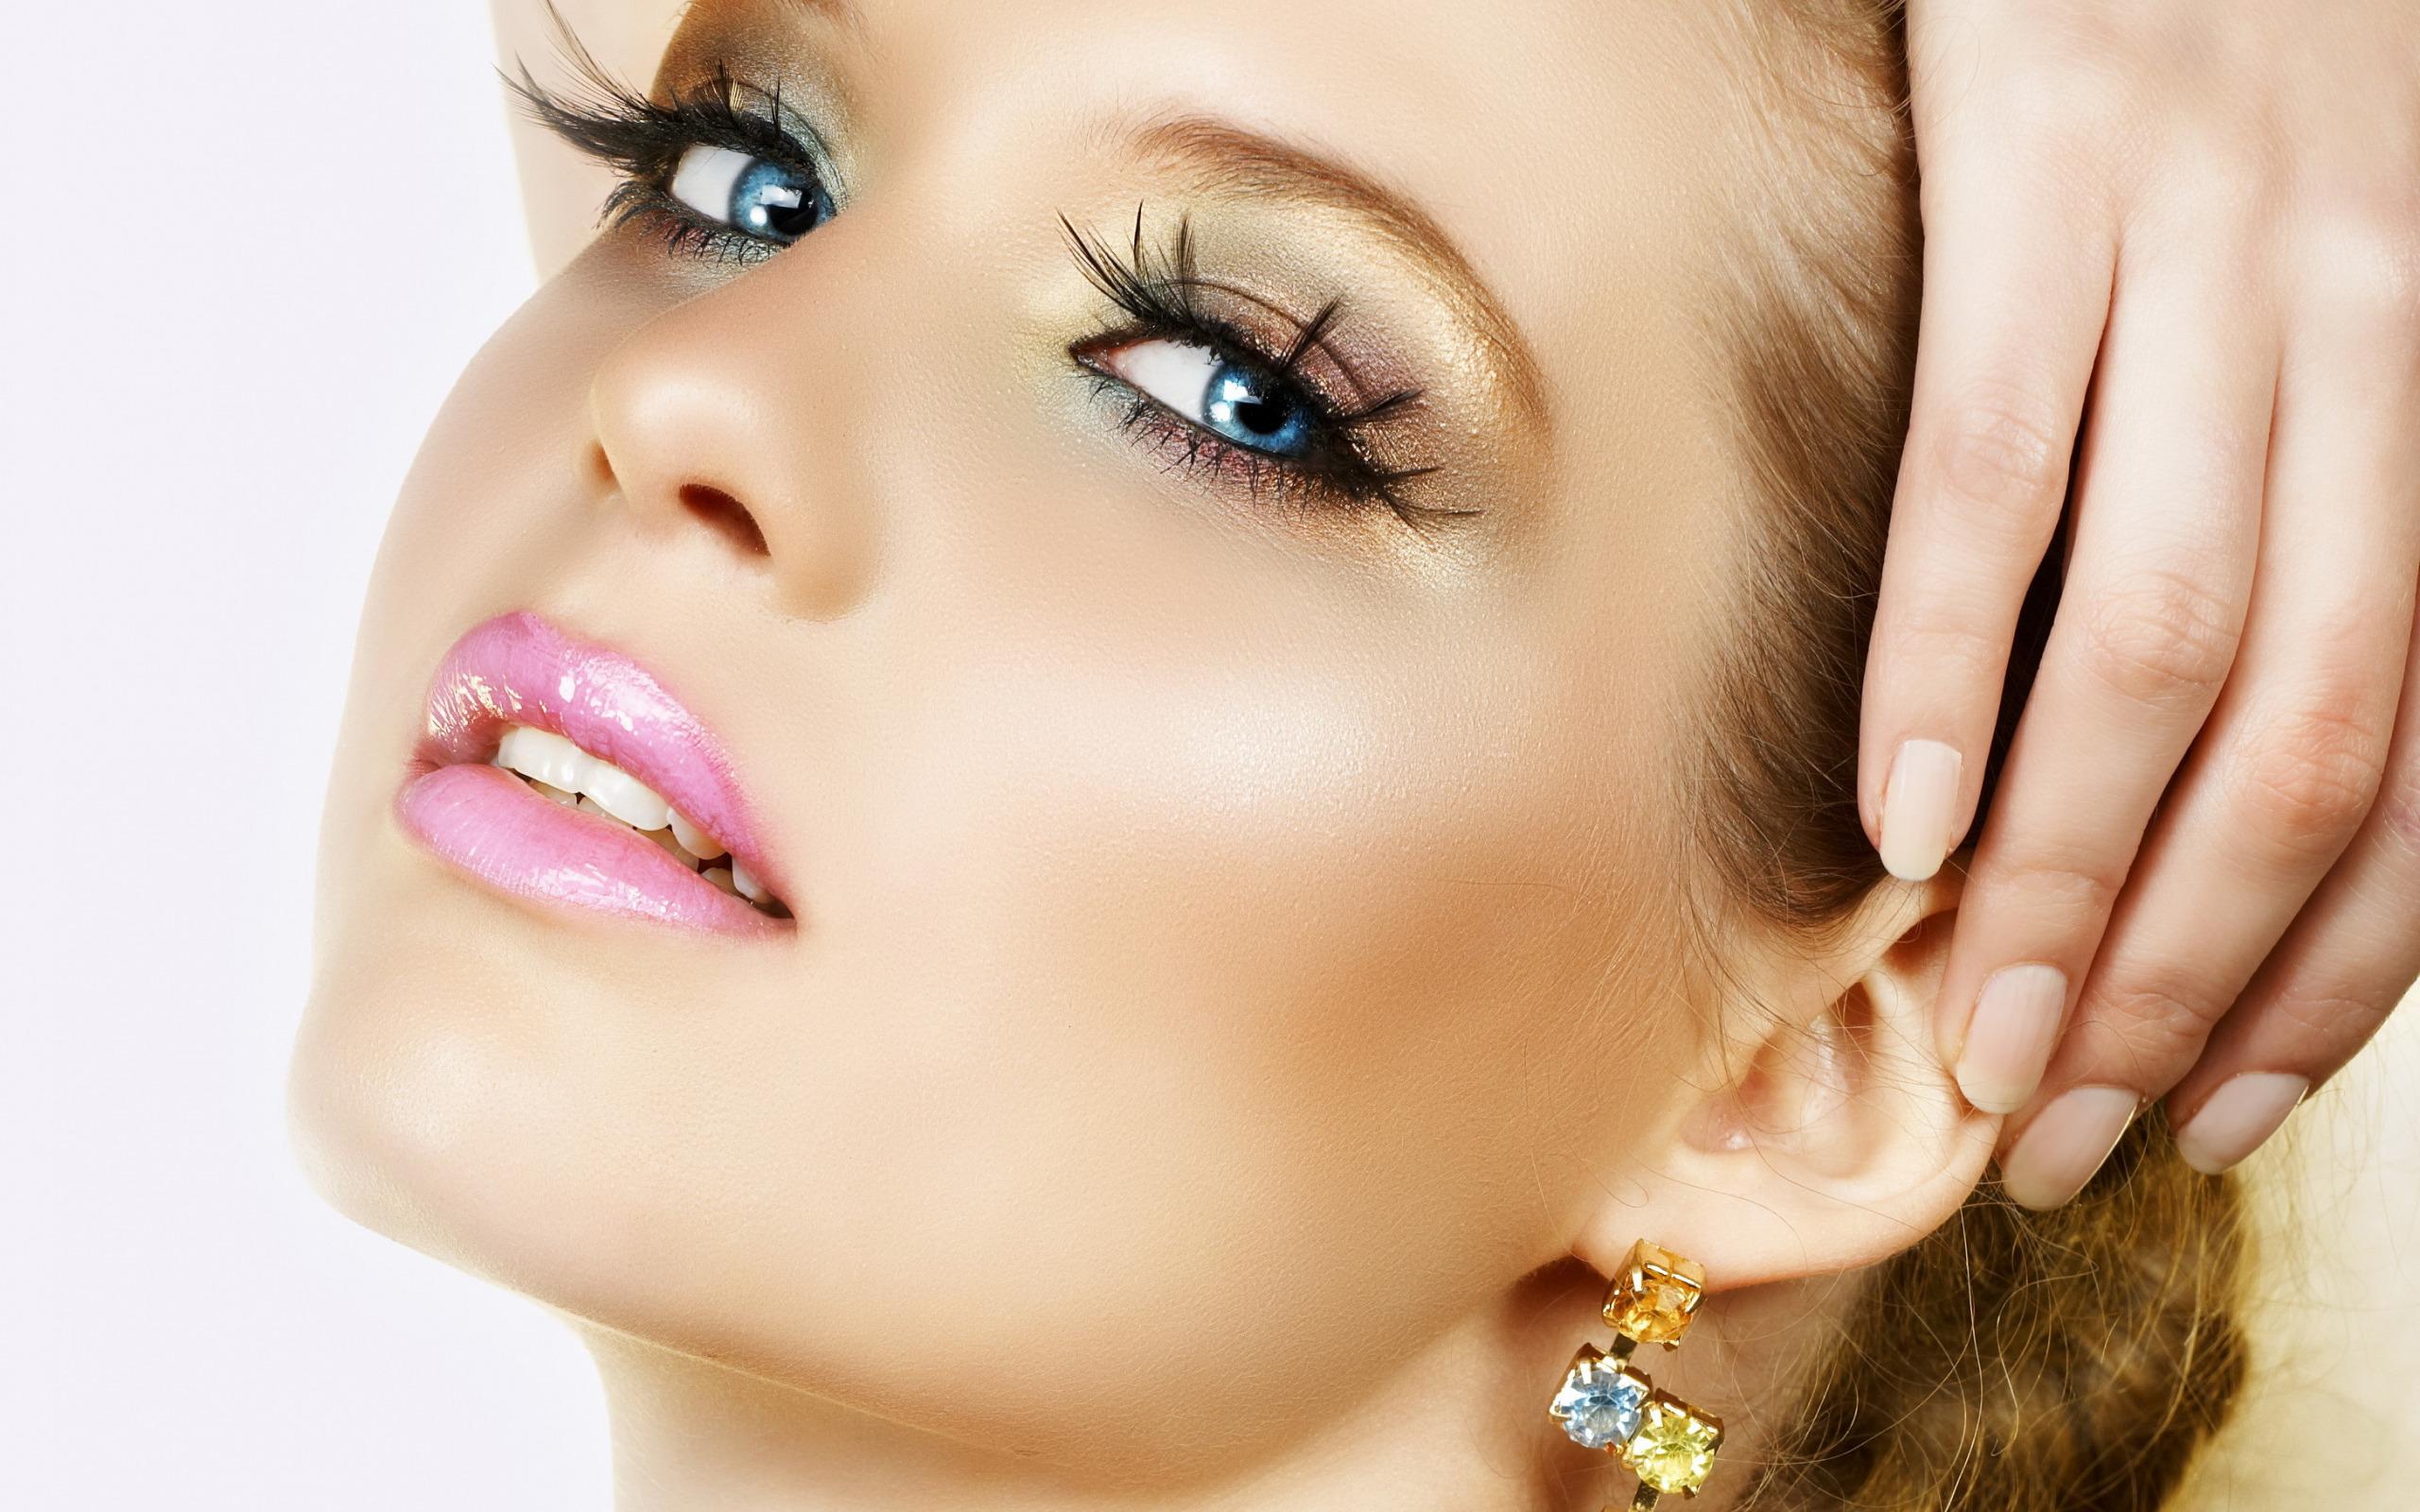 Glamour girl lashes — photo 15